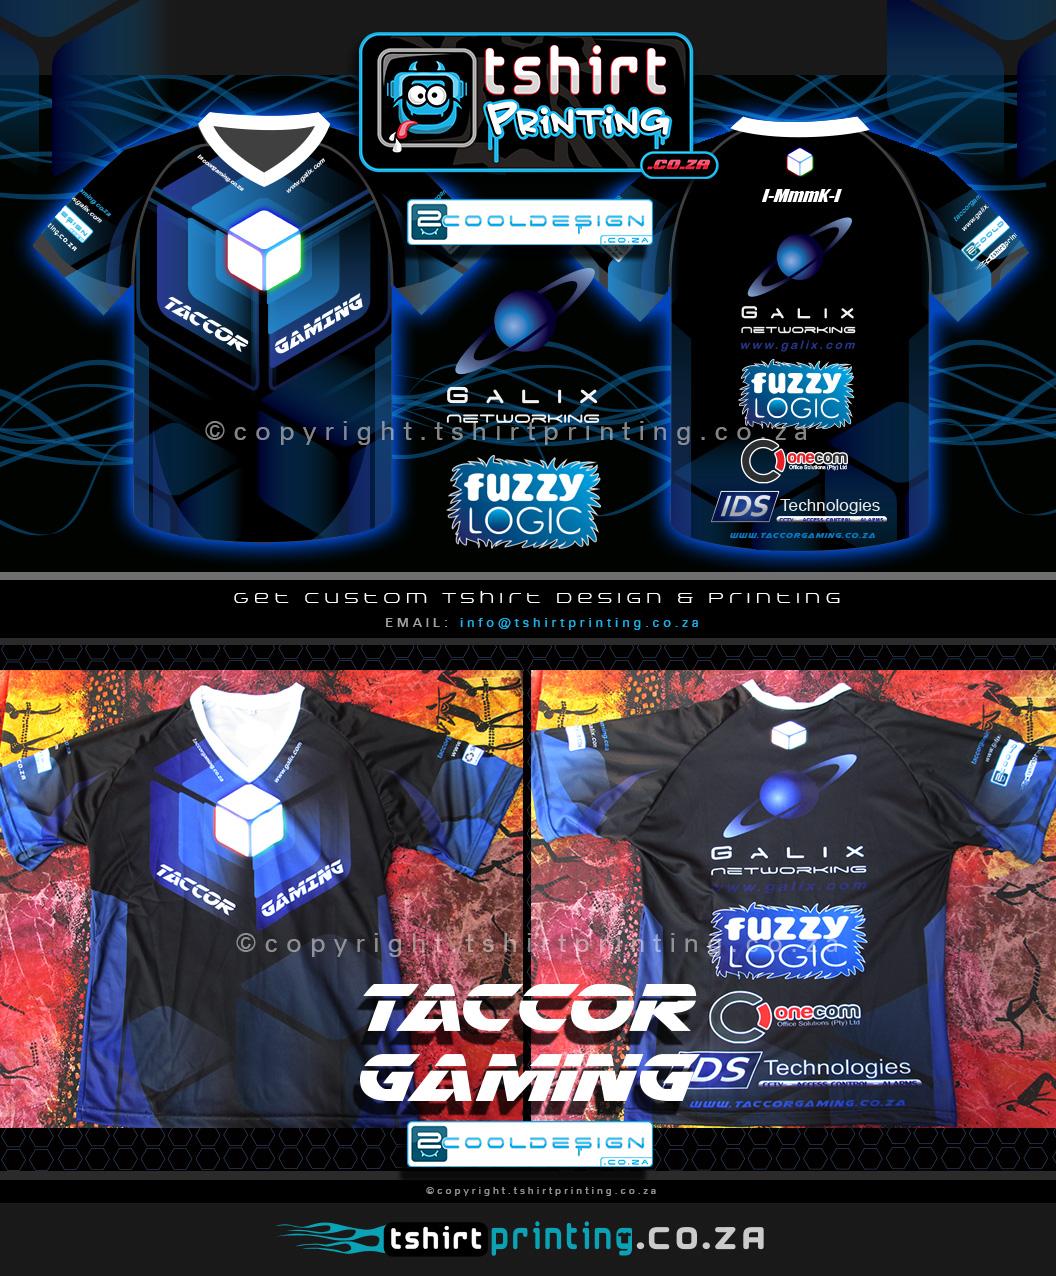 Shirt design games - Custom Gaming Shirt Design And Printing Taccor Gaming 2014 Shirts